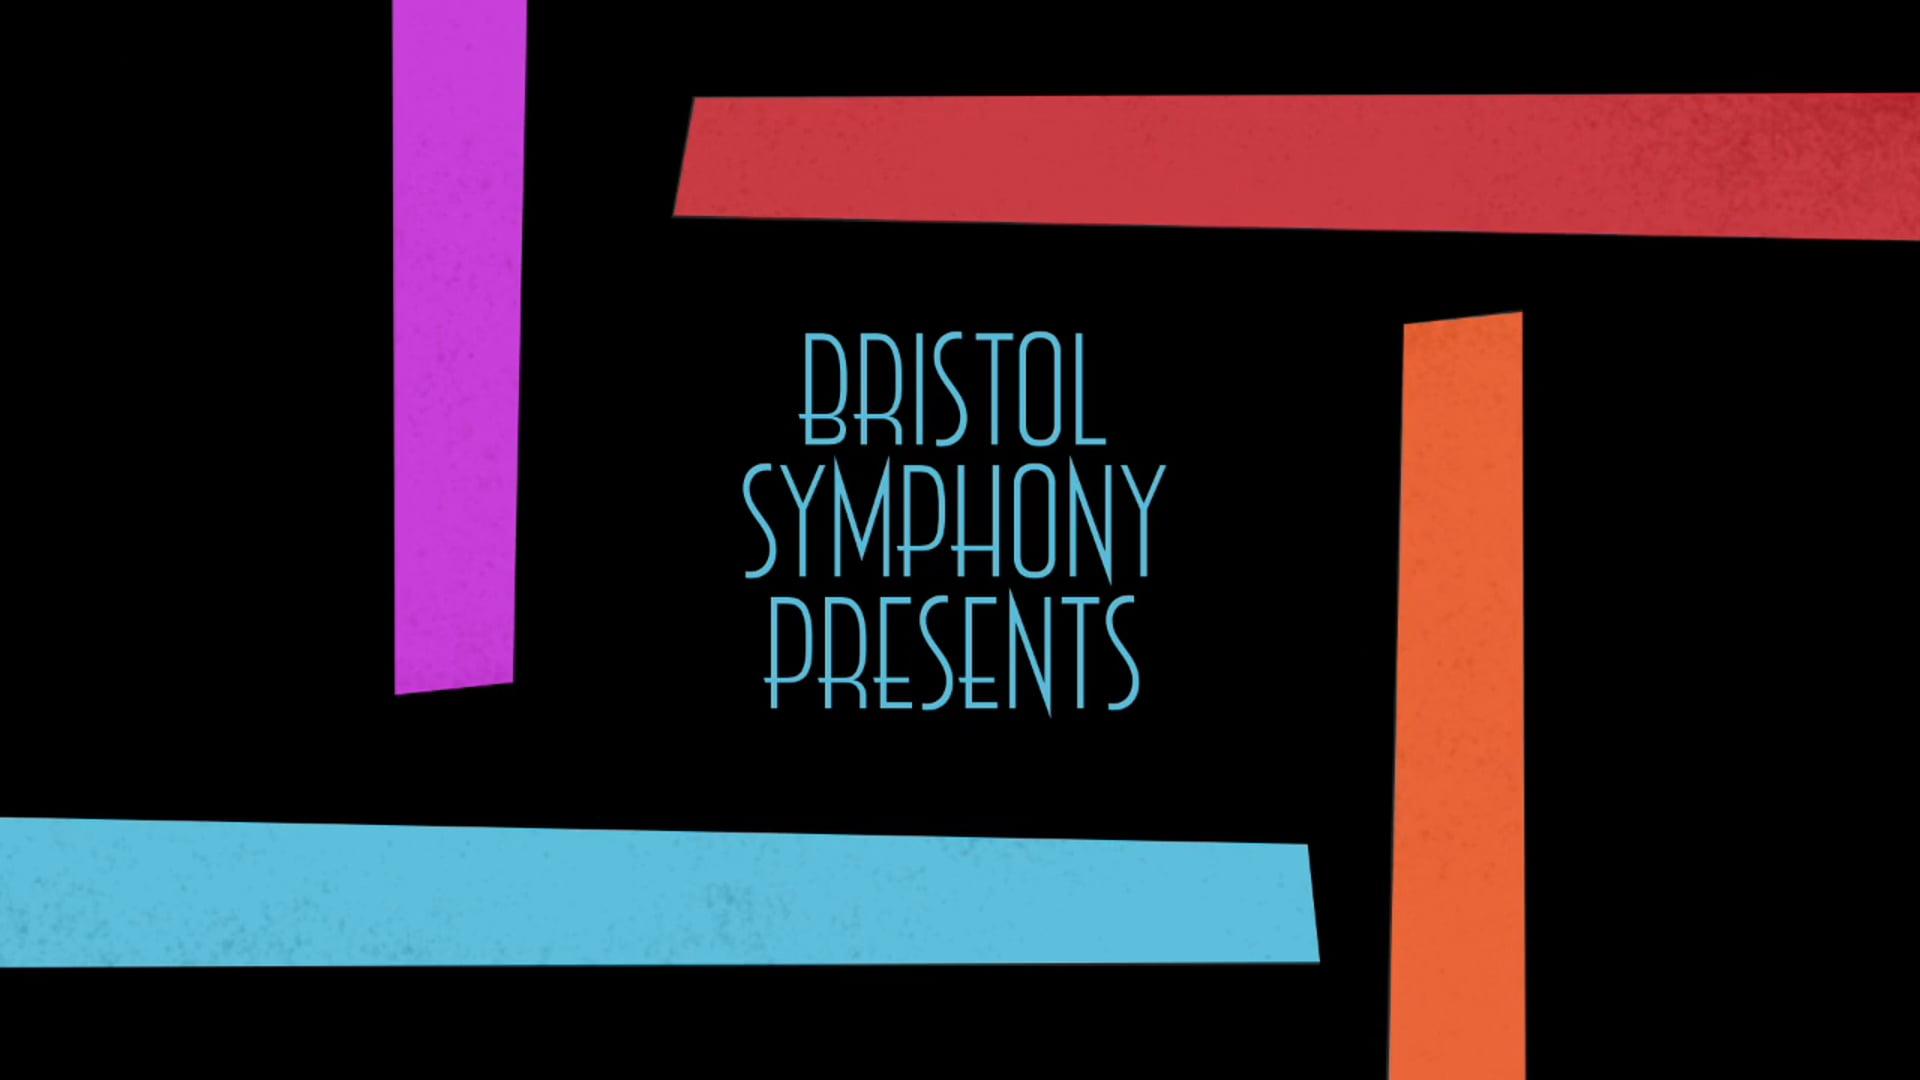 Bristol Symphony Channel